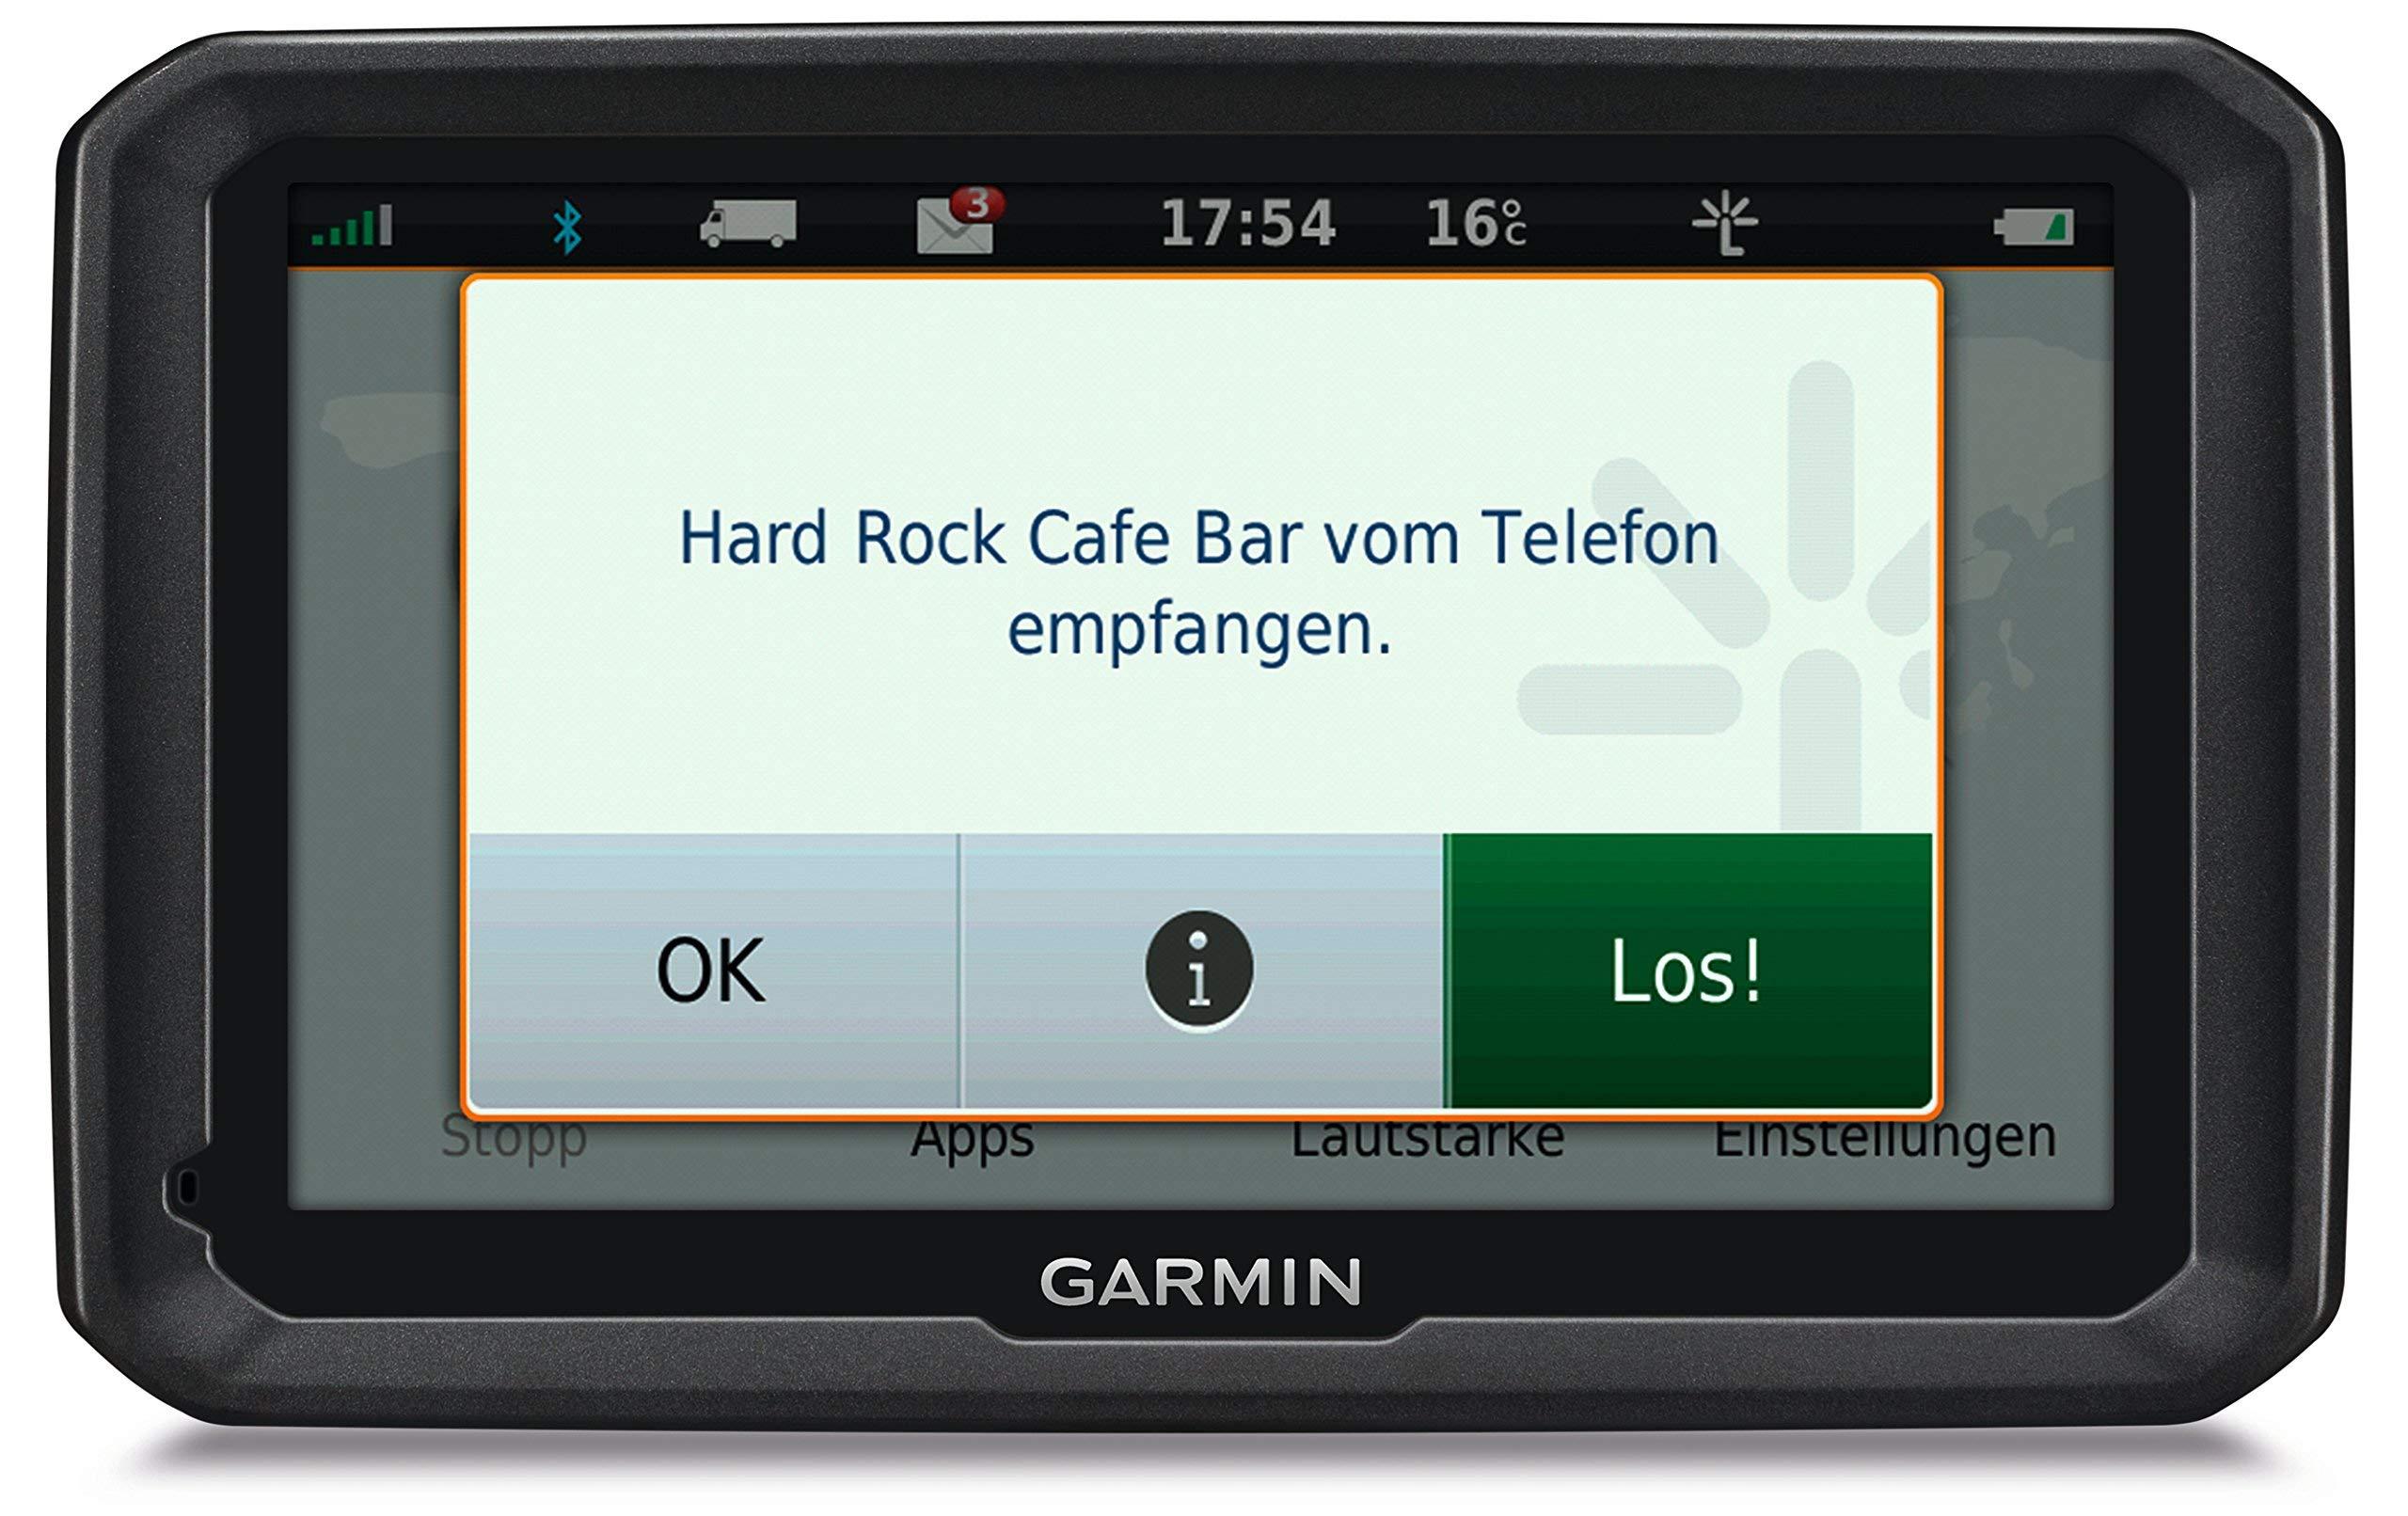 Garmin-dezl-LMT-D-LKW-Navigationsgert-lebenslange-Kartenupdates-DAB-LKW-spezifisches-Routing-Touch-Glasdisplay-Zertifiziert-und-Generalberholt